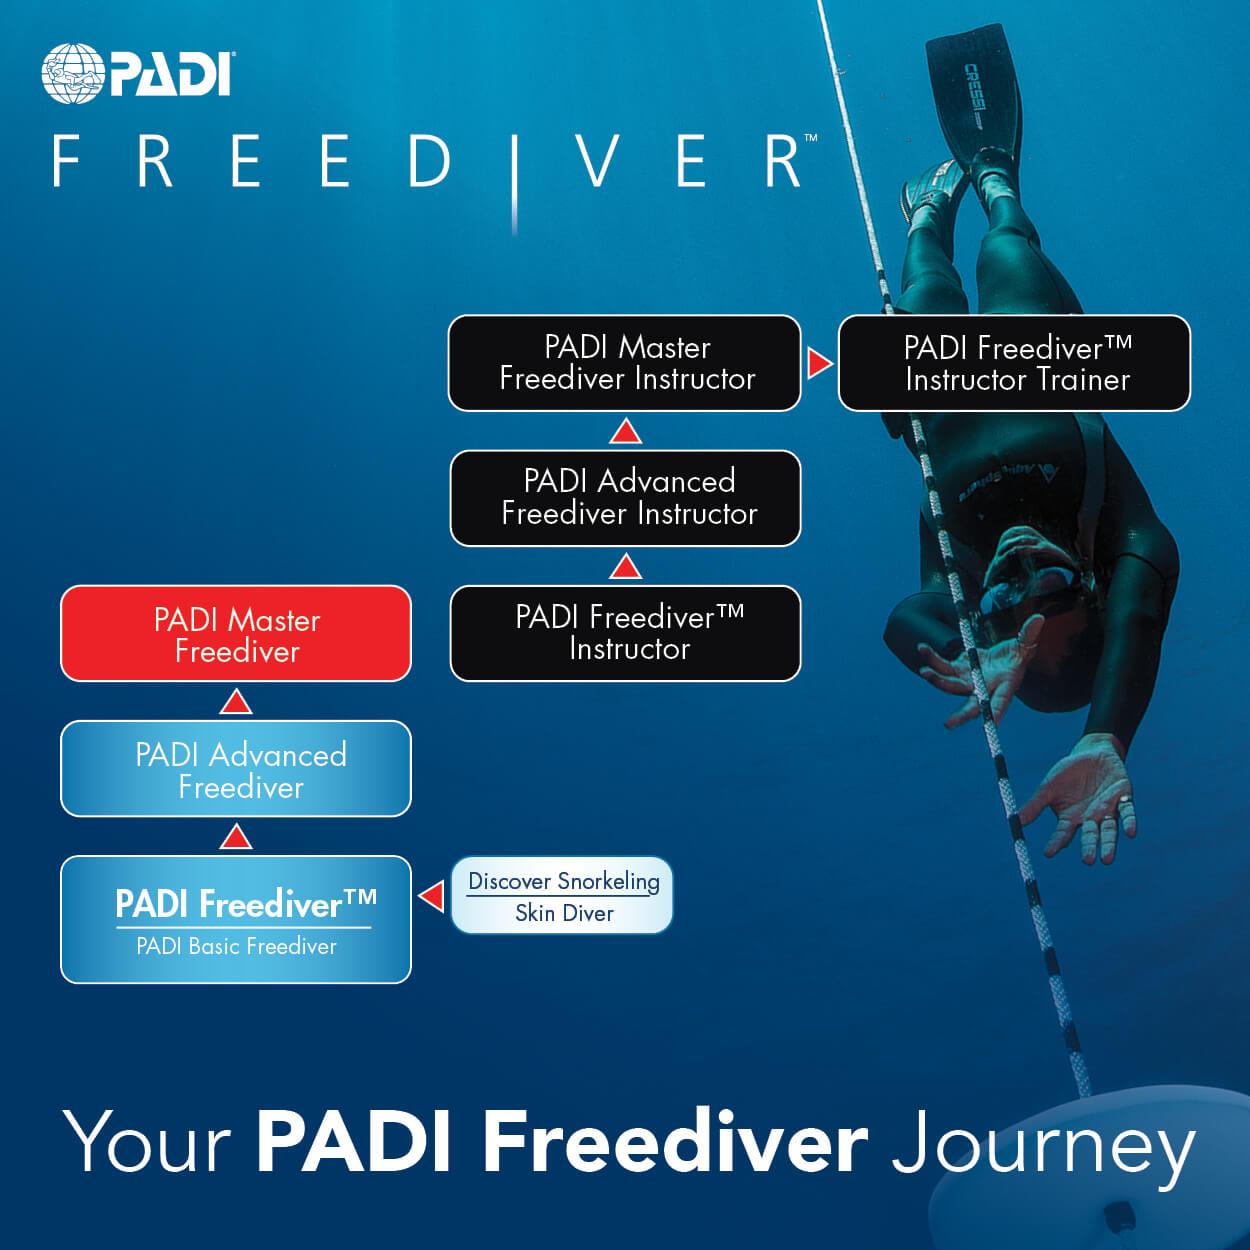 自由潛水 PADI潛水課程